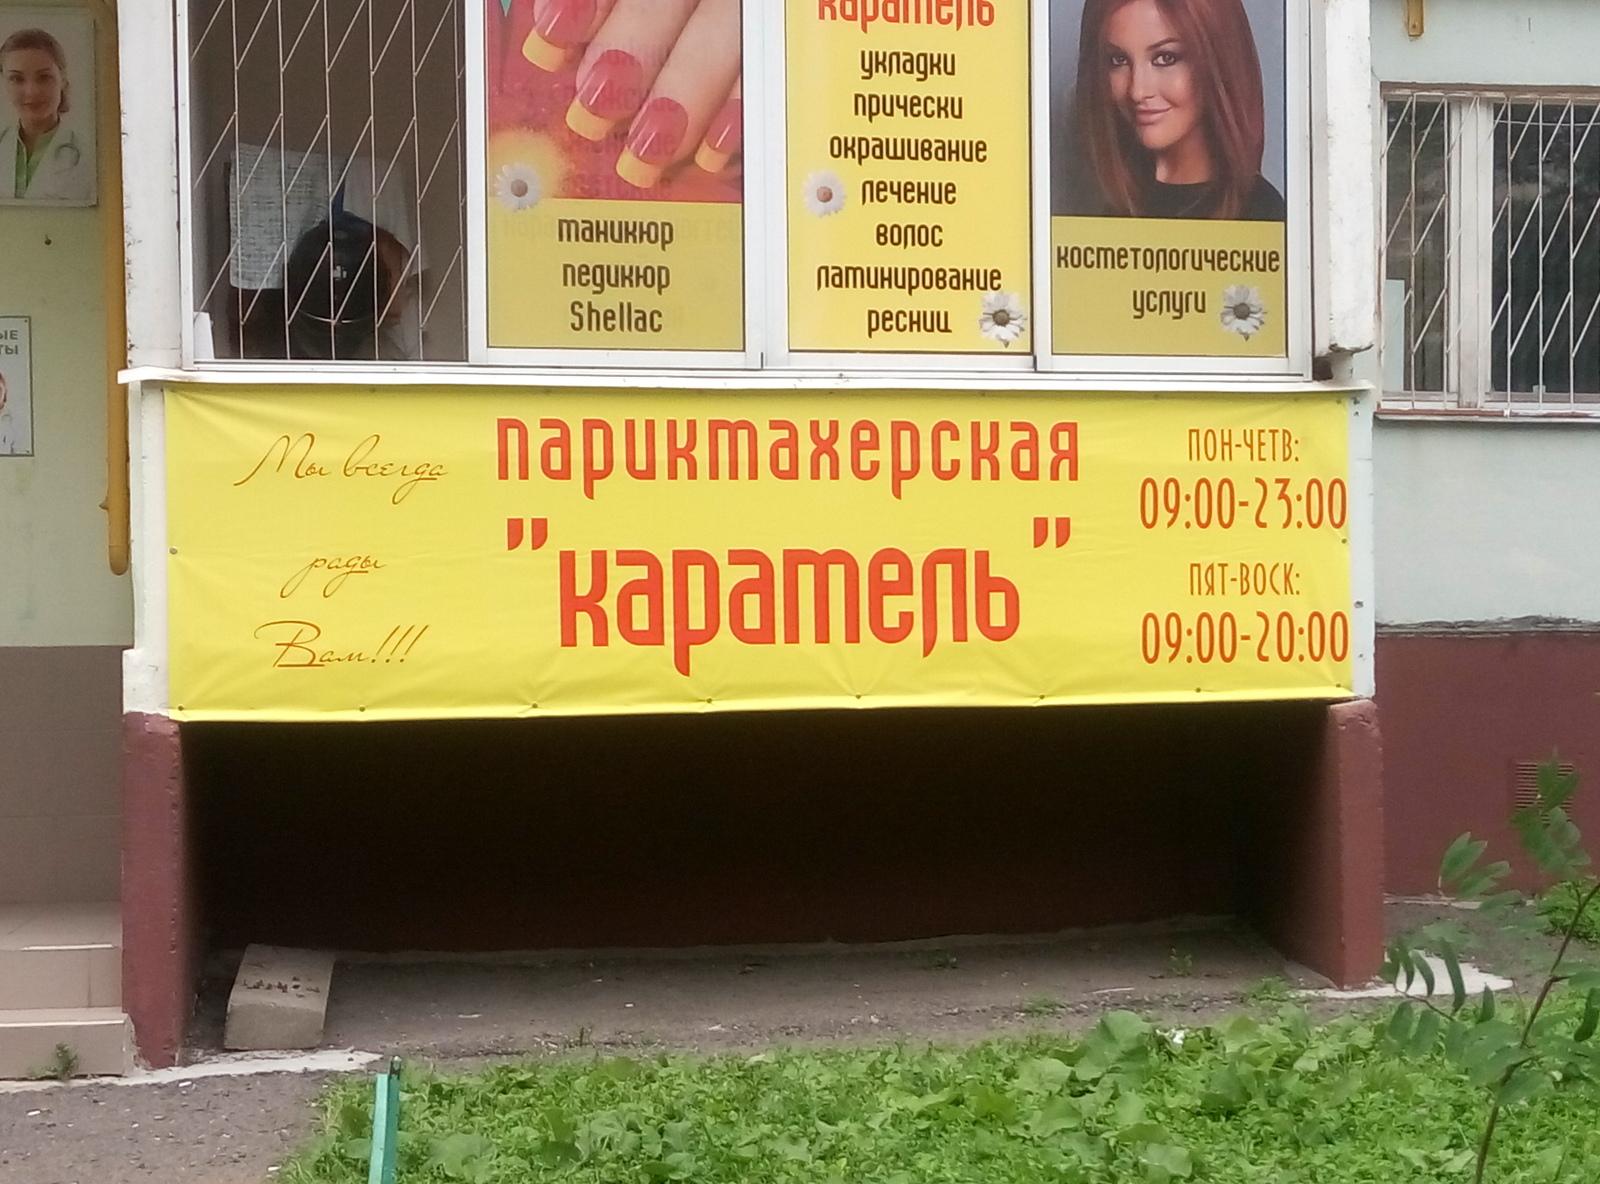 Поклатый это: патлатый — это… что такое патлатый? – патлатый — викисловарь — оздоровительный spa-центр «панацея»